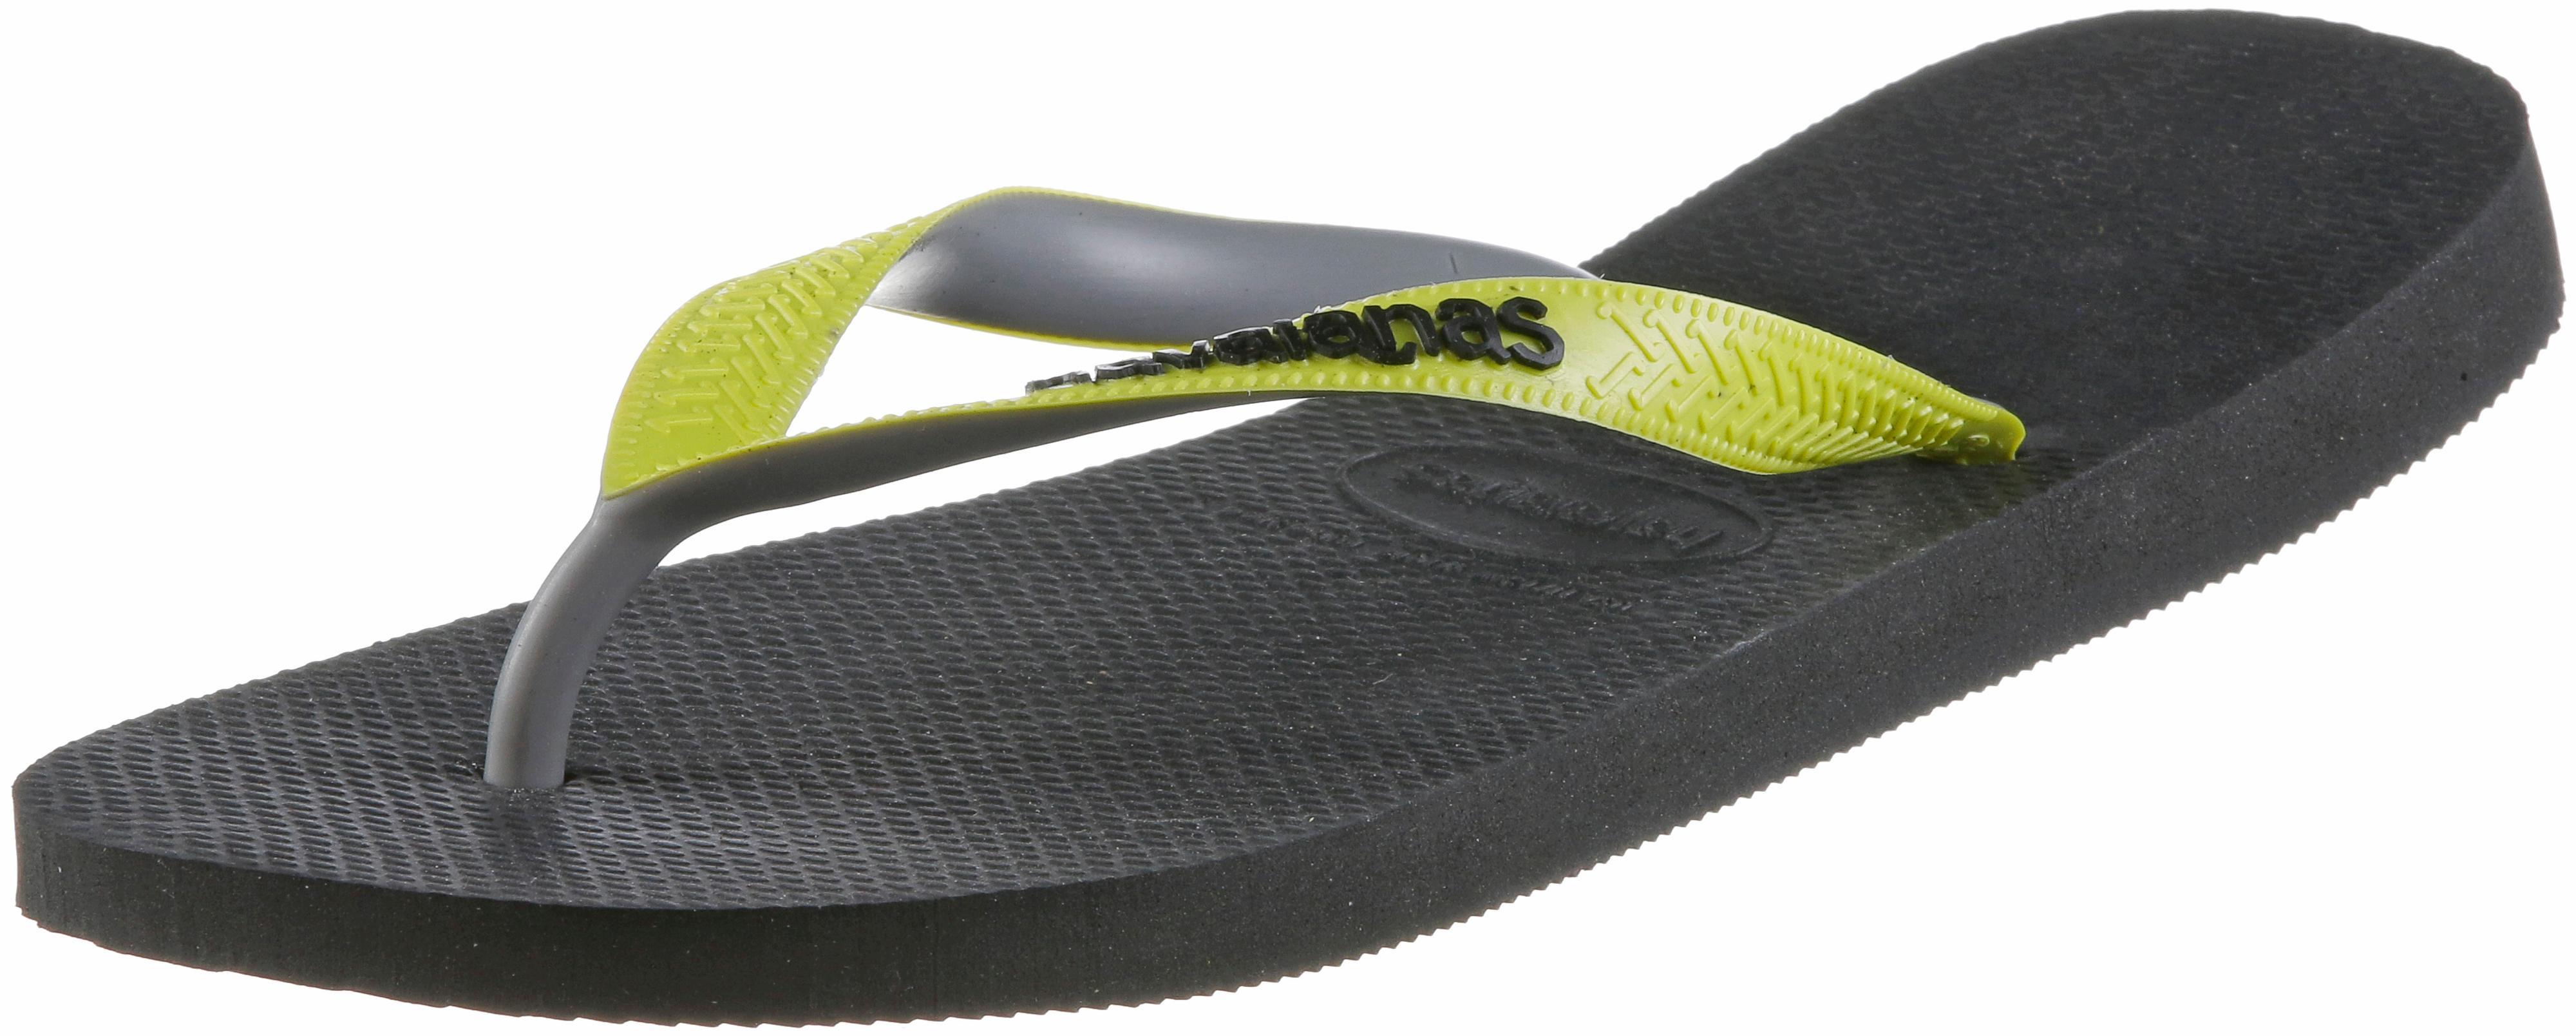 Havaianas TOP MIX Zehentrenner schwarz-neon im im im Online Shop von SportScheck kaufen Gute Qualität beliebte Schuhe d7fe24